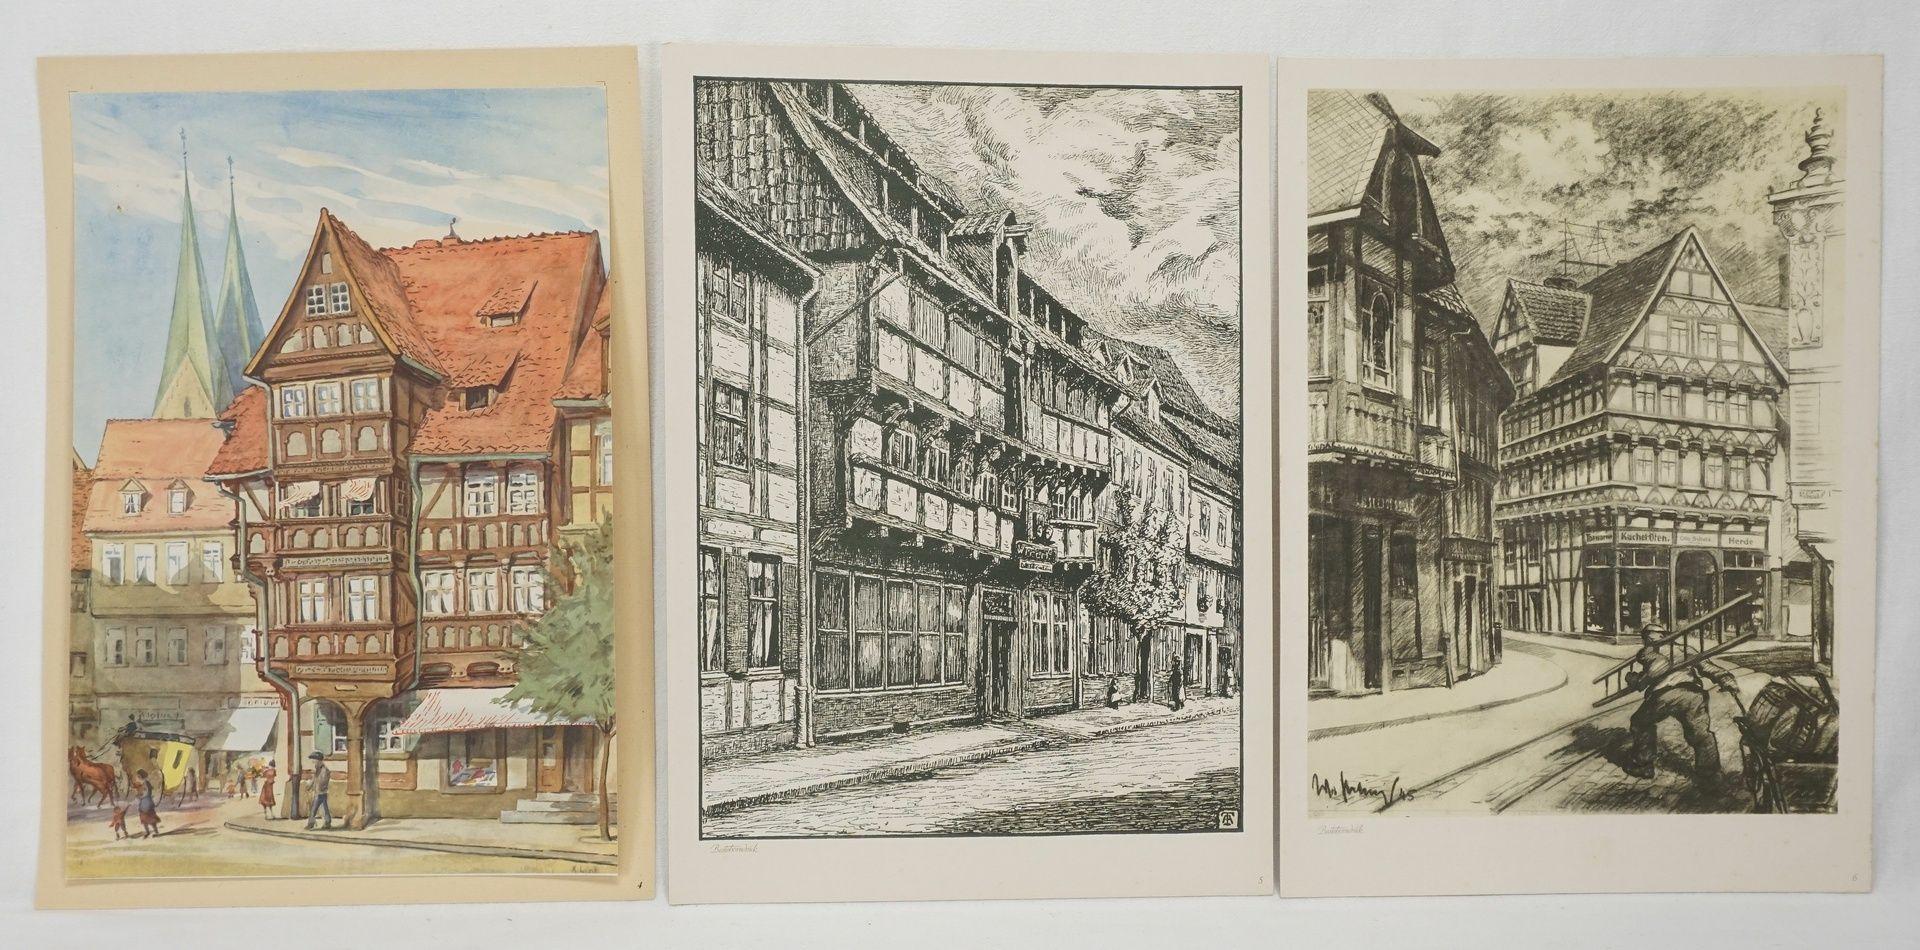 Kunstdruckmappe und Postkarten, Halberstadt am Harz - Bild 5 aus 7